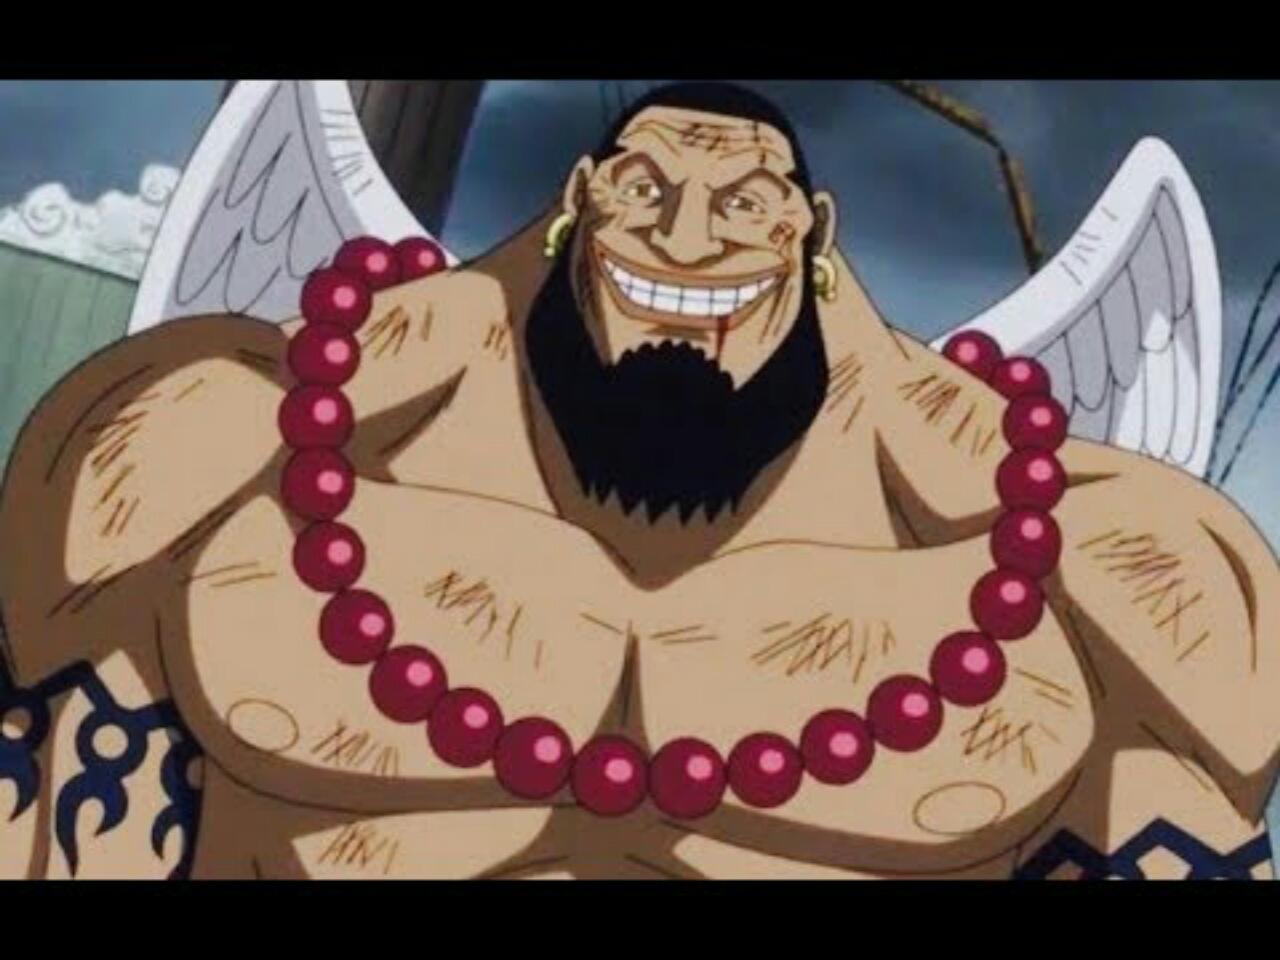 Game One Piece Pirate Warriors 4 Ungkap Urouge Sebagai Karakter DLC 1